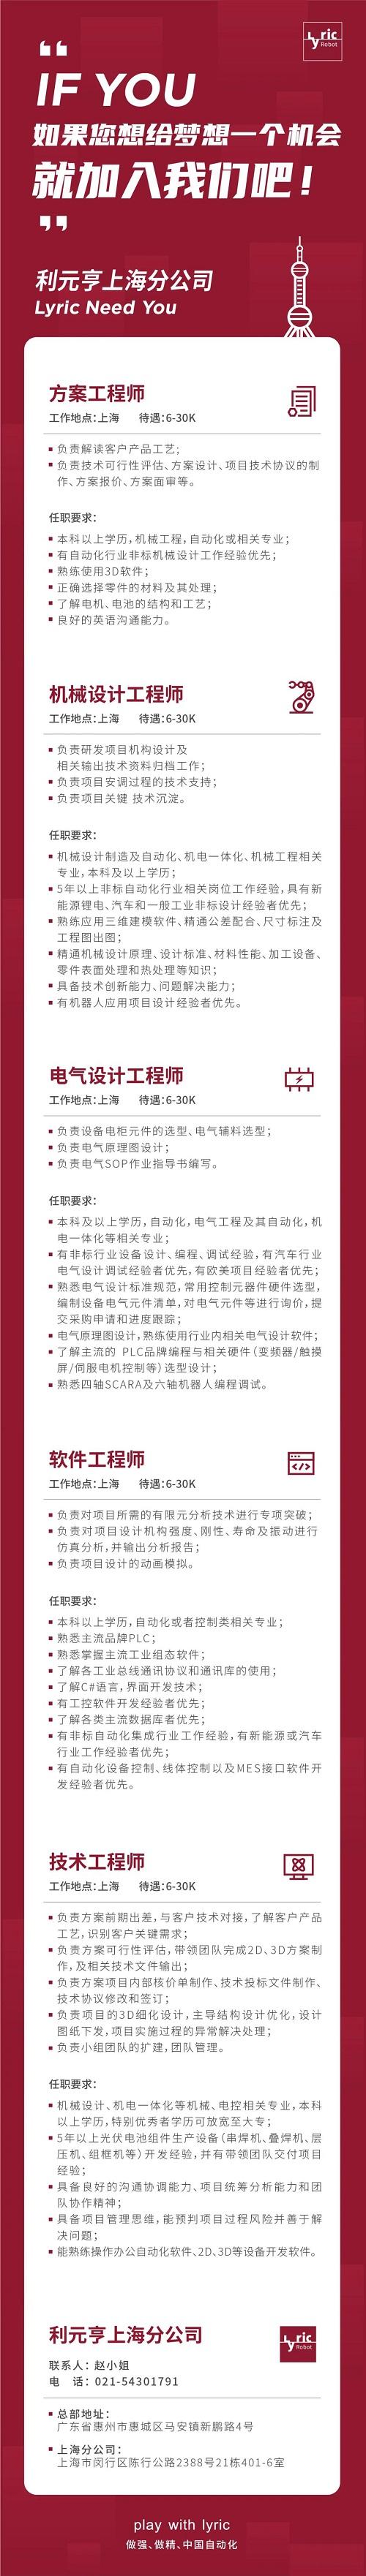 重磅 ! 利元亨上海分公司正式成立,国际化进程再添新动力!